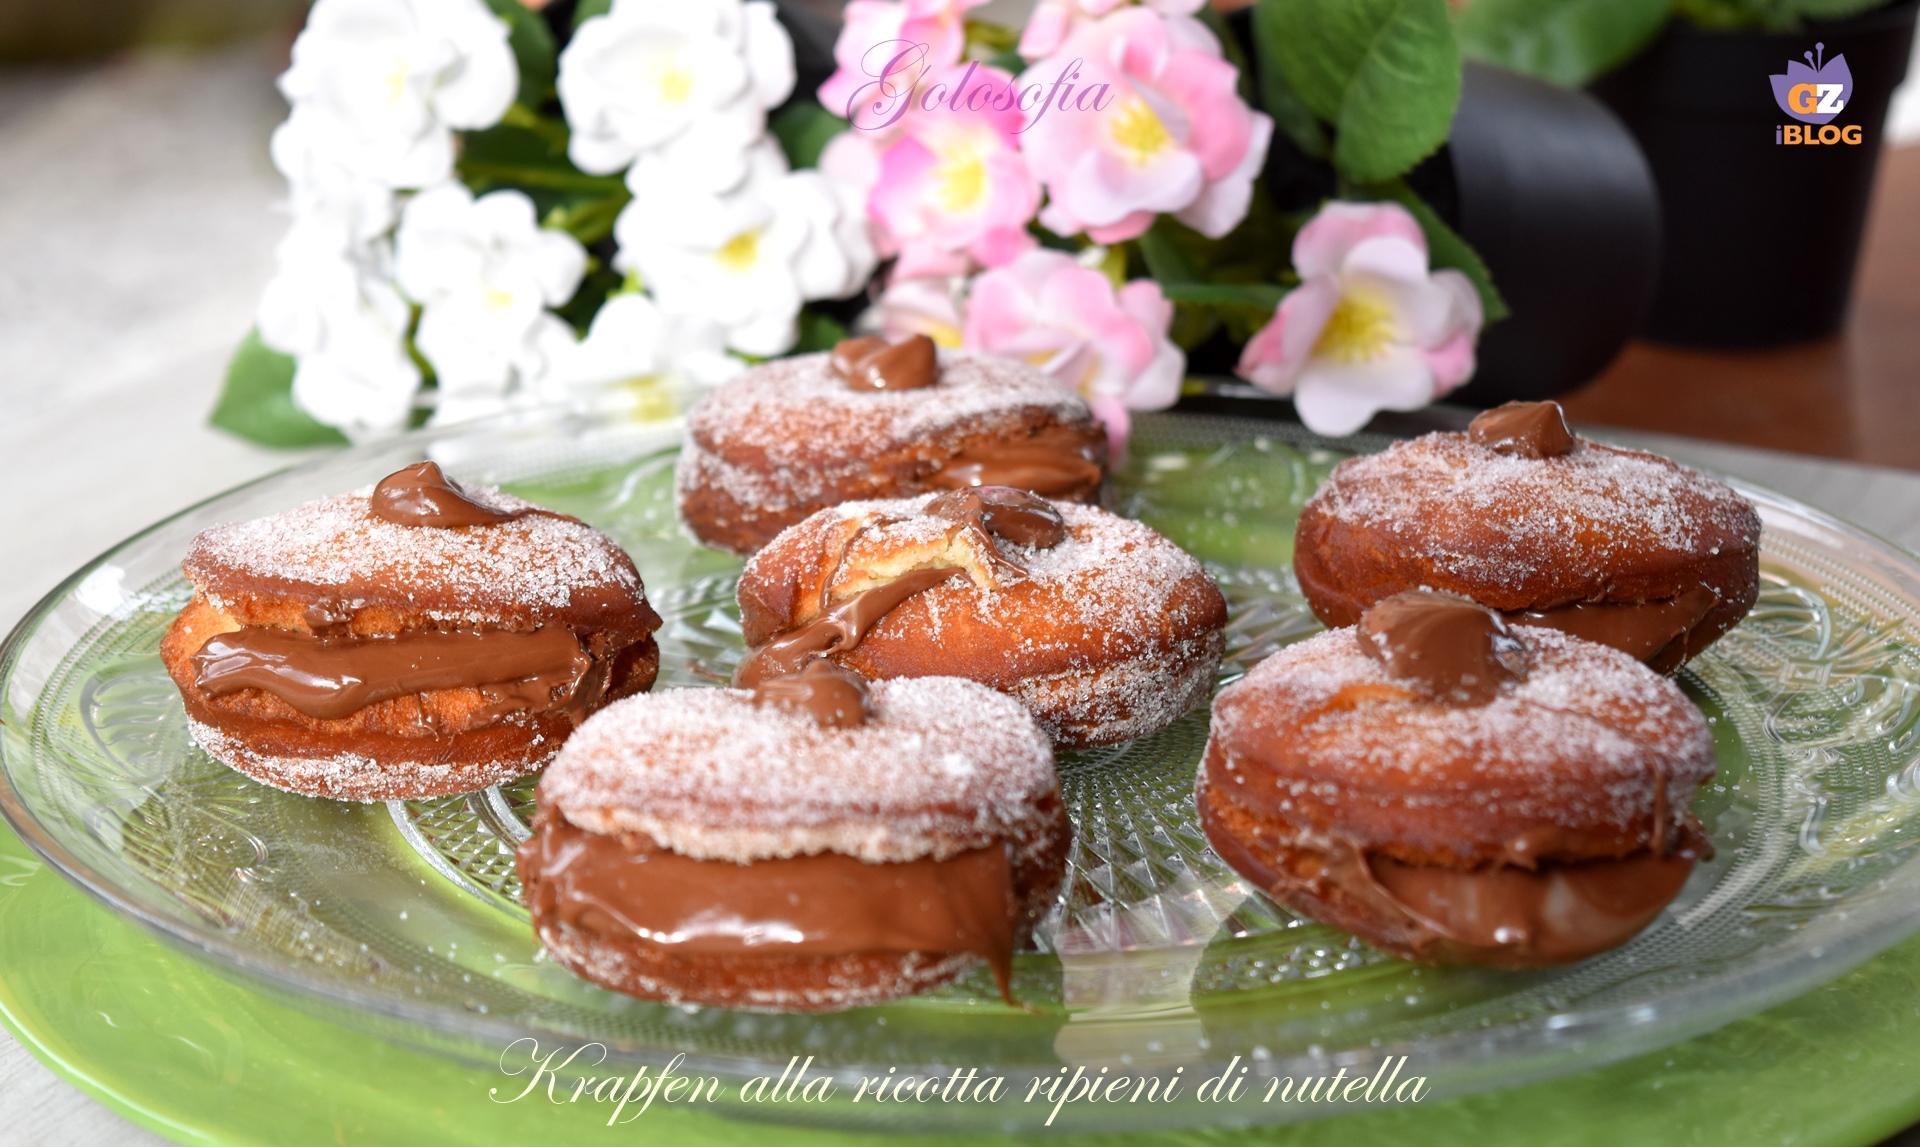 Krapfen alla ricotta ripieni di nutella-ricetta dolci-golosofia